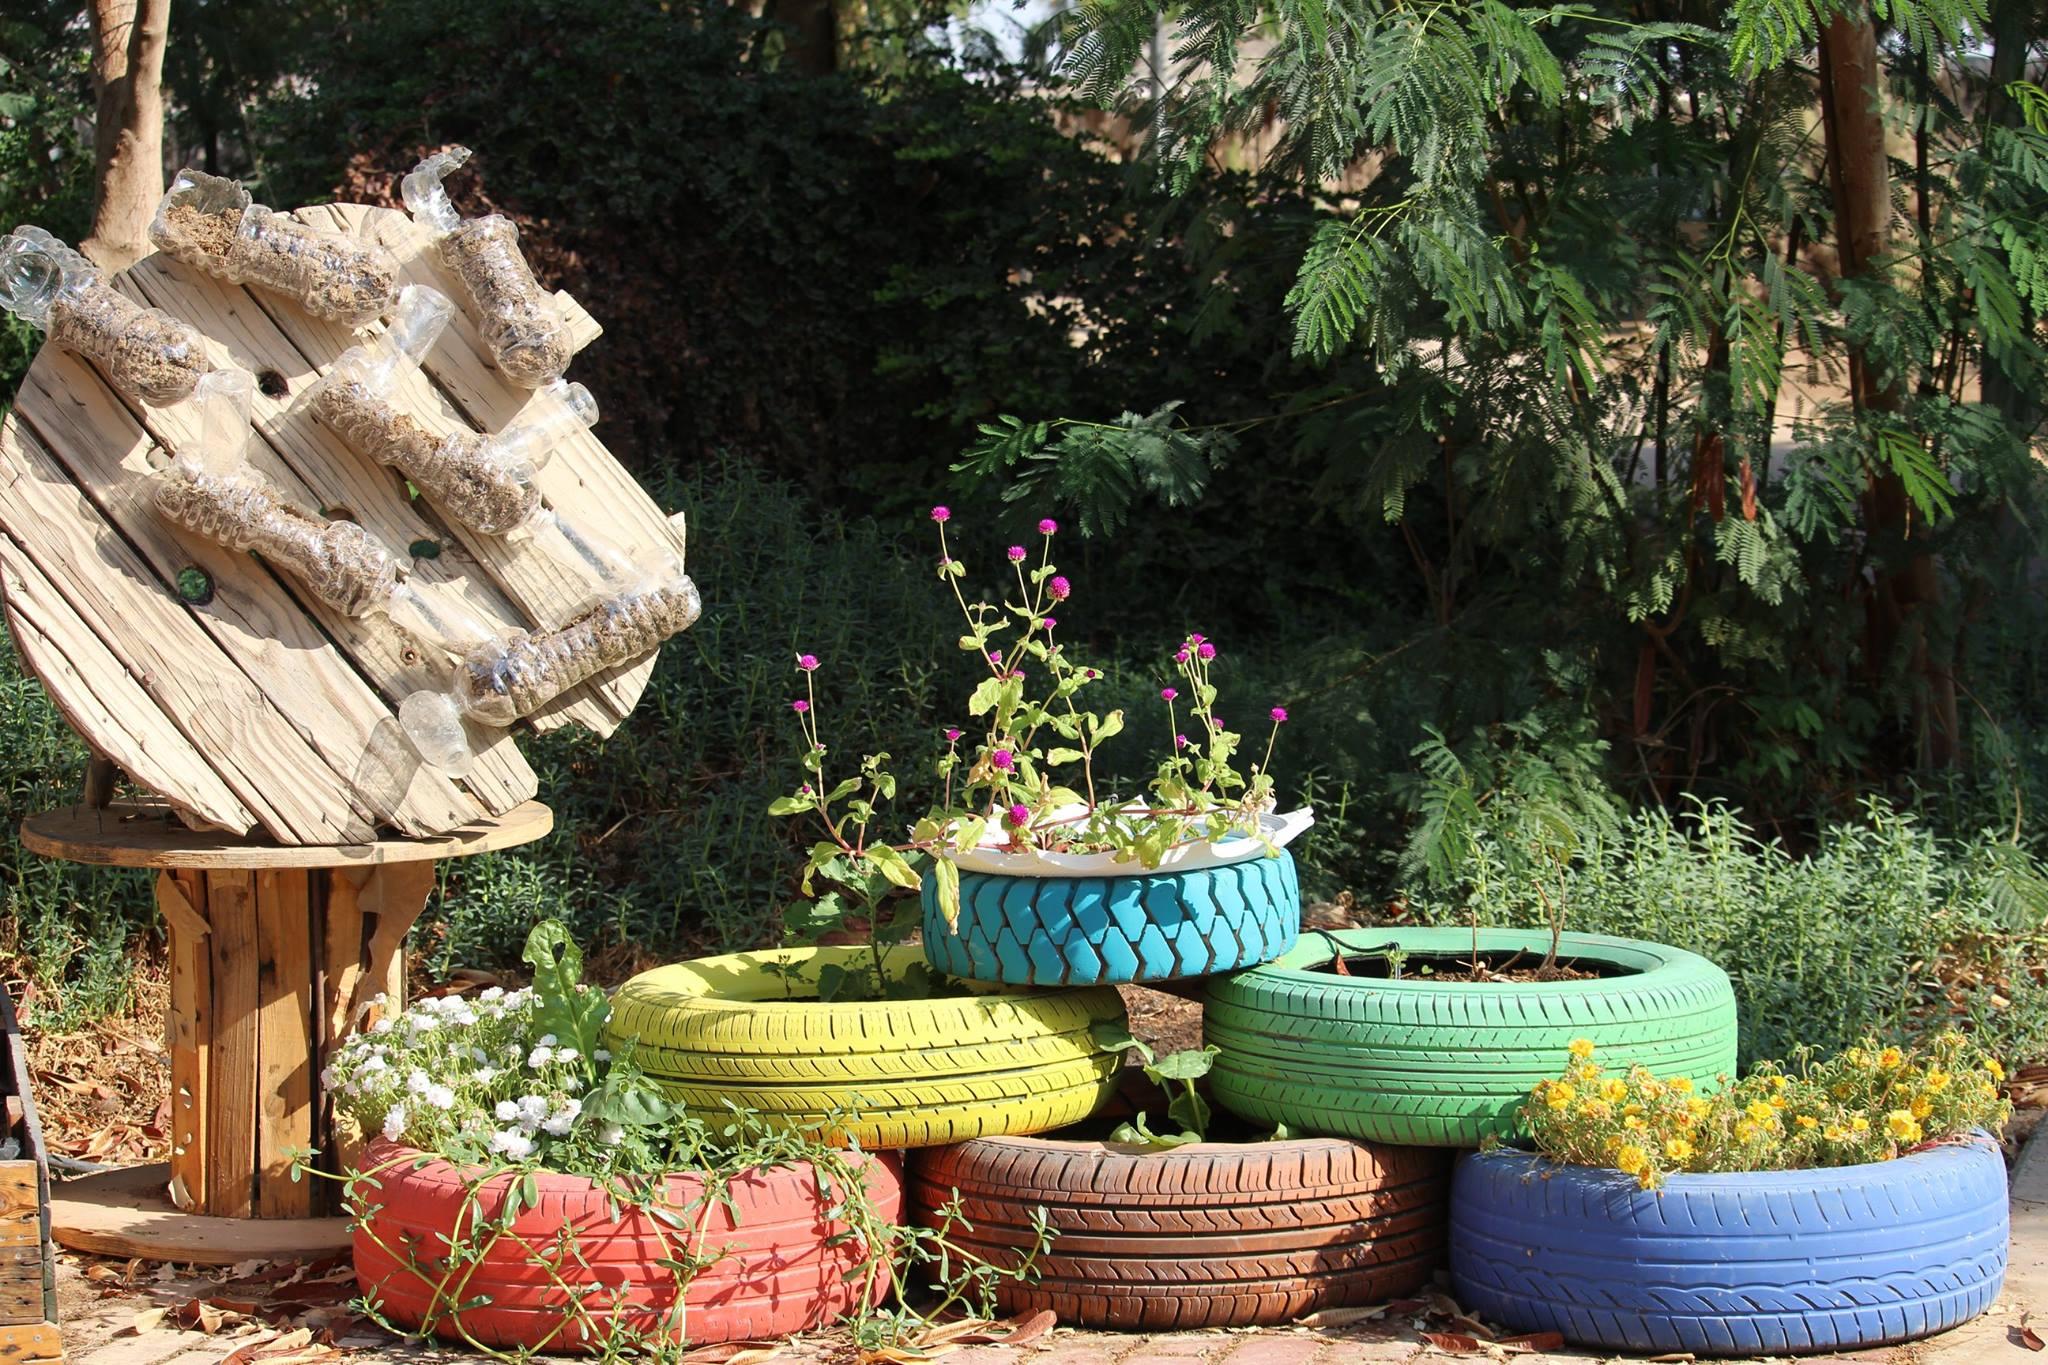 תמונה מהגינה האורגנית בלוטן